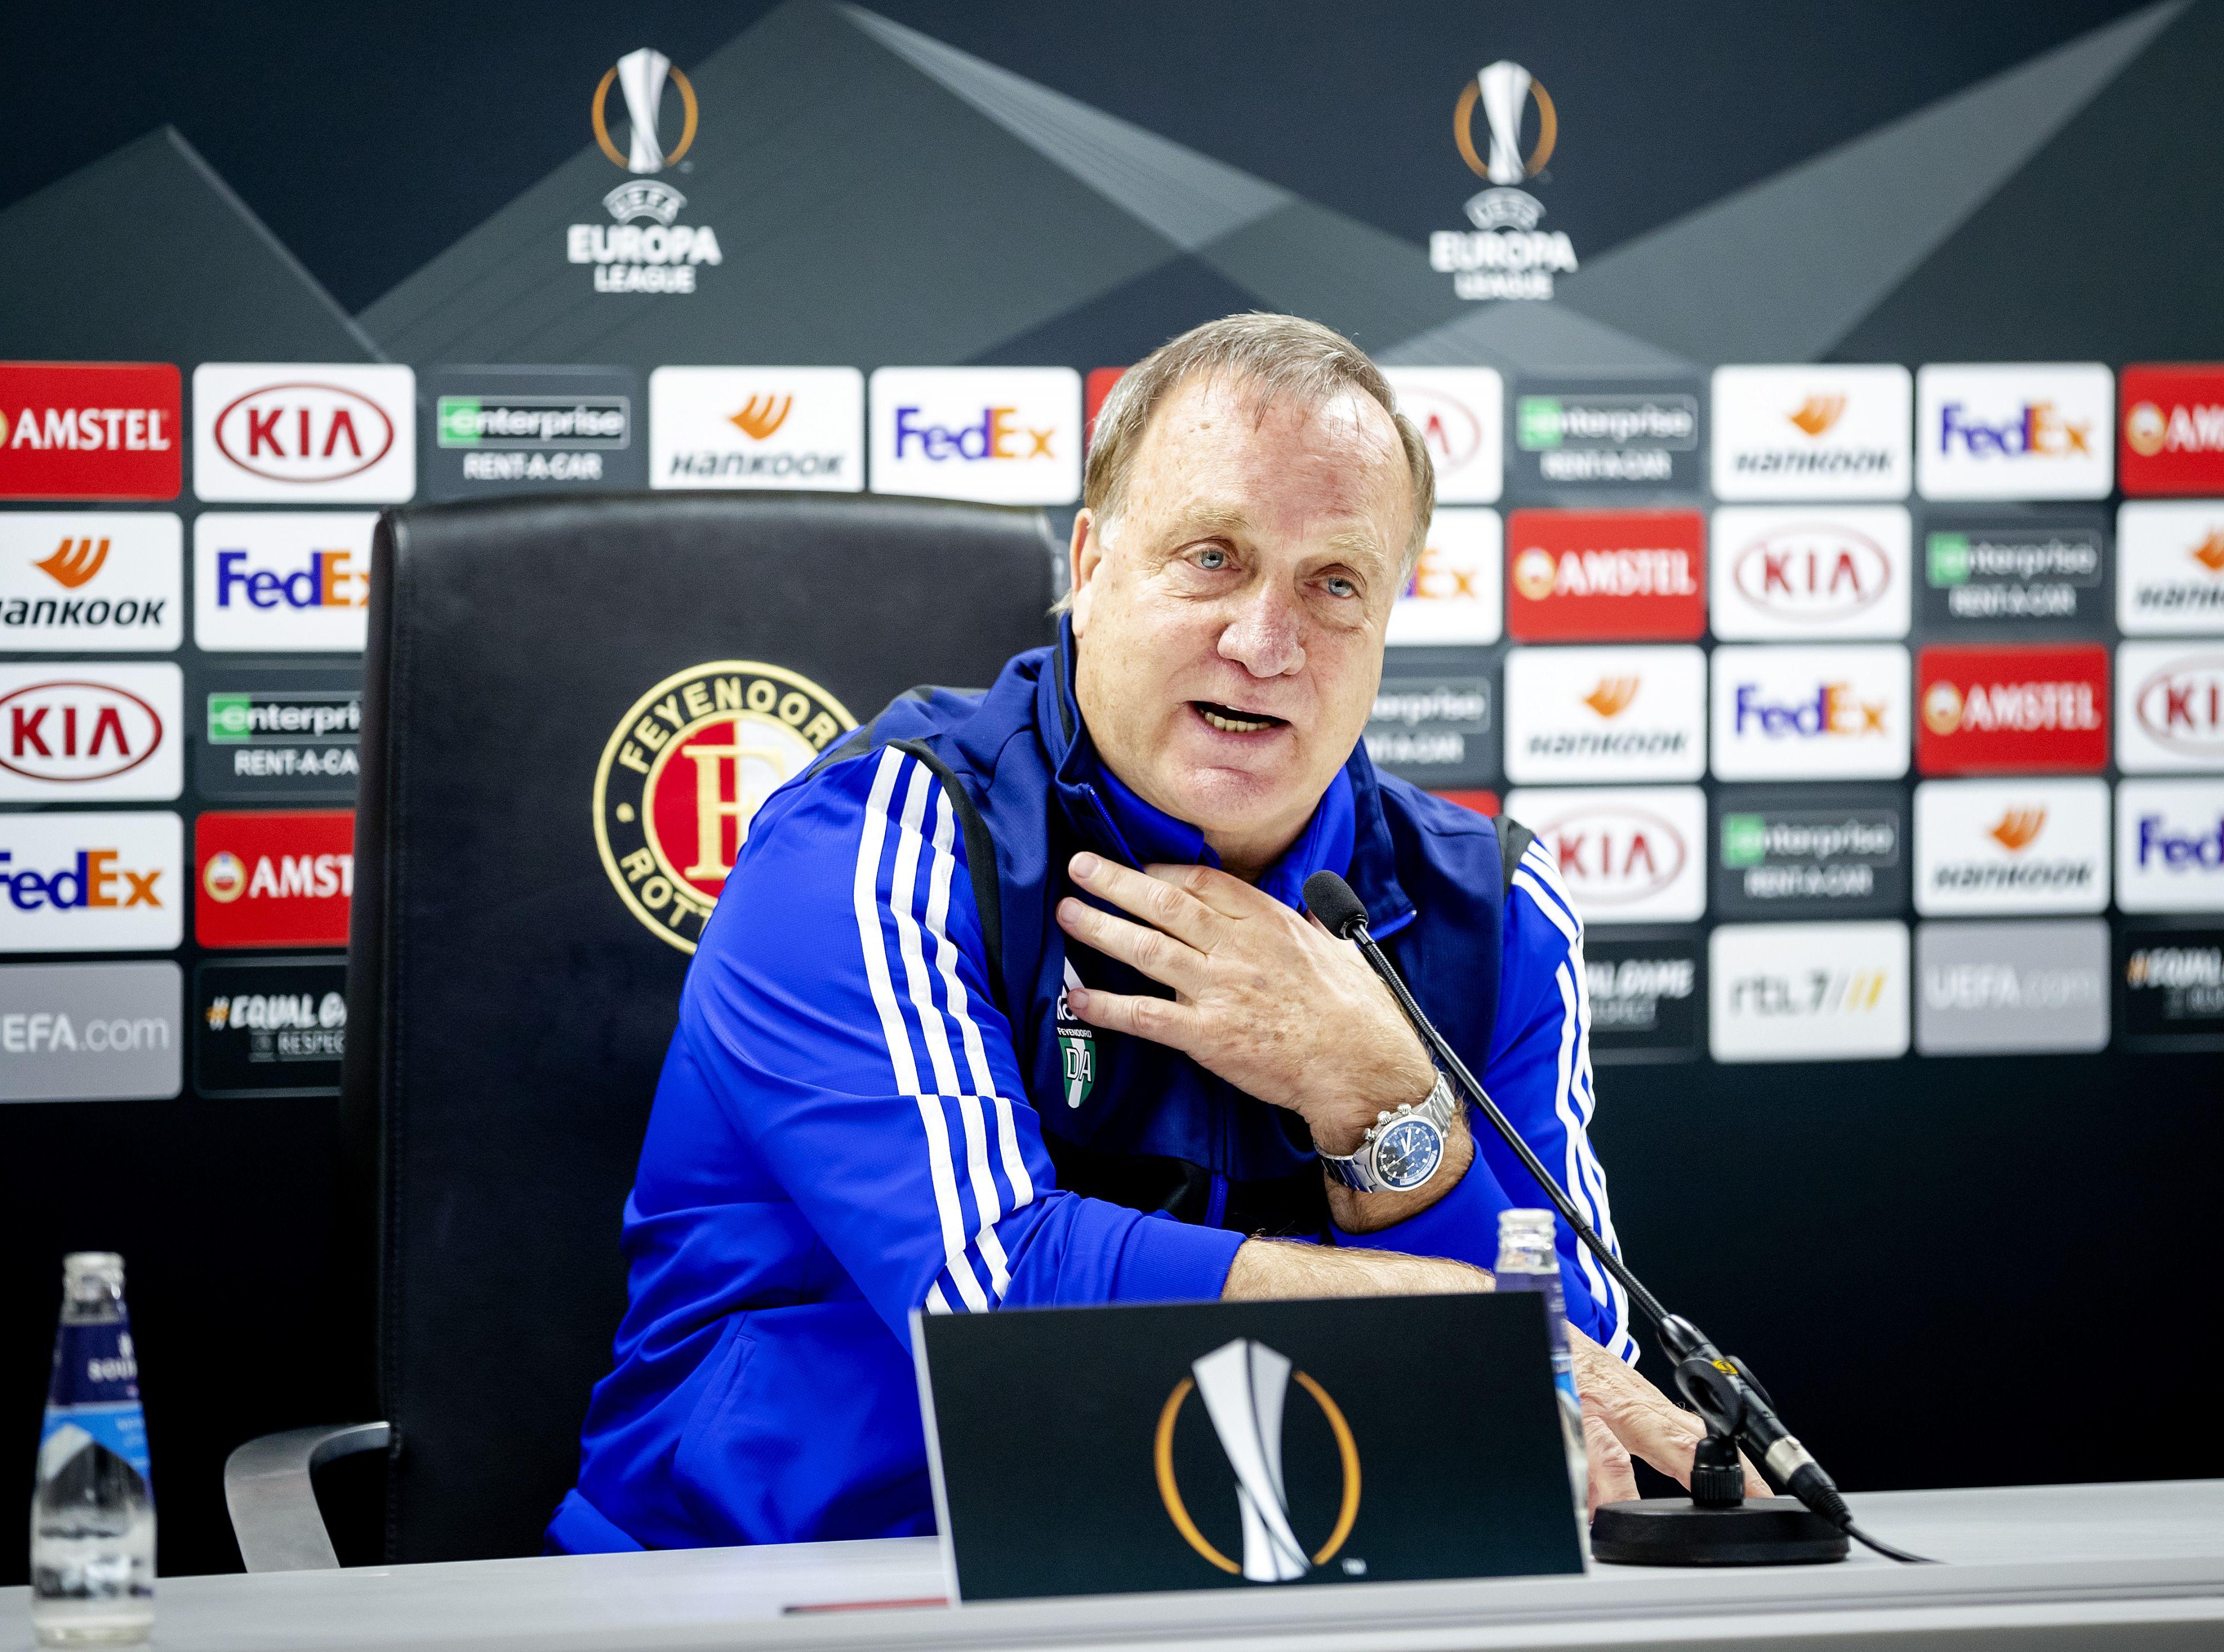 72 jaar, maar Dick blijft bij Feyenoord